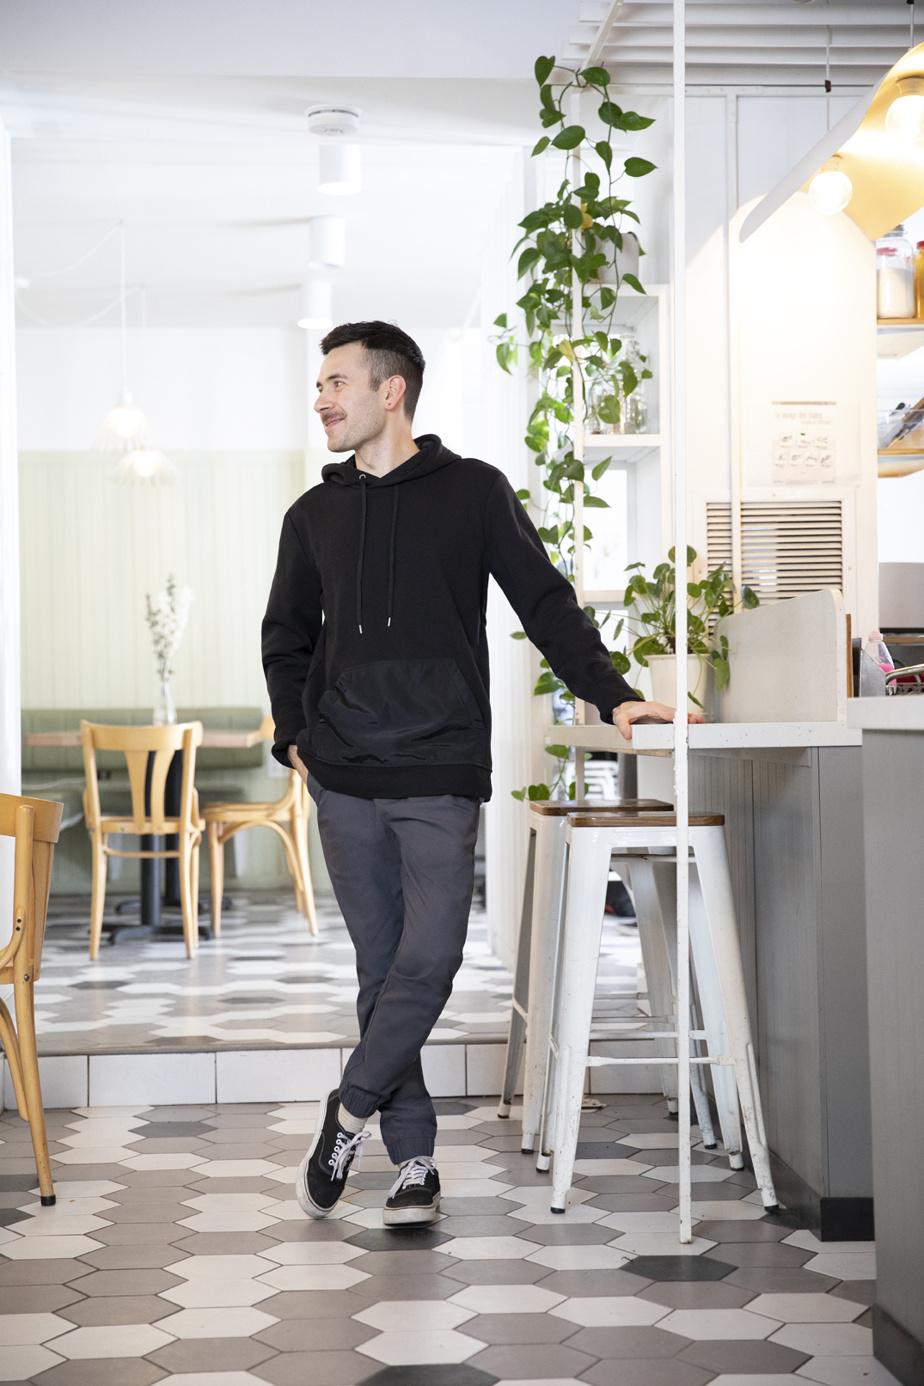 Mathieu Ménard, a lancé Aperitivo, épicerie gourmande d'inspiration italienne.